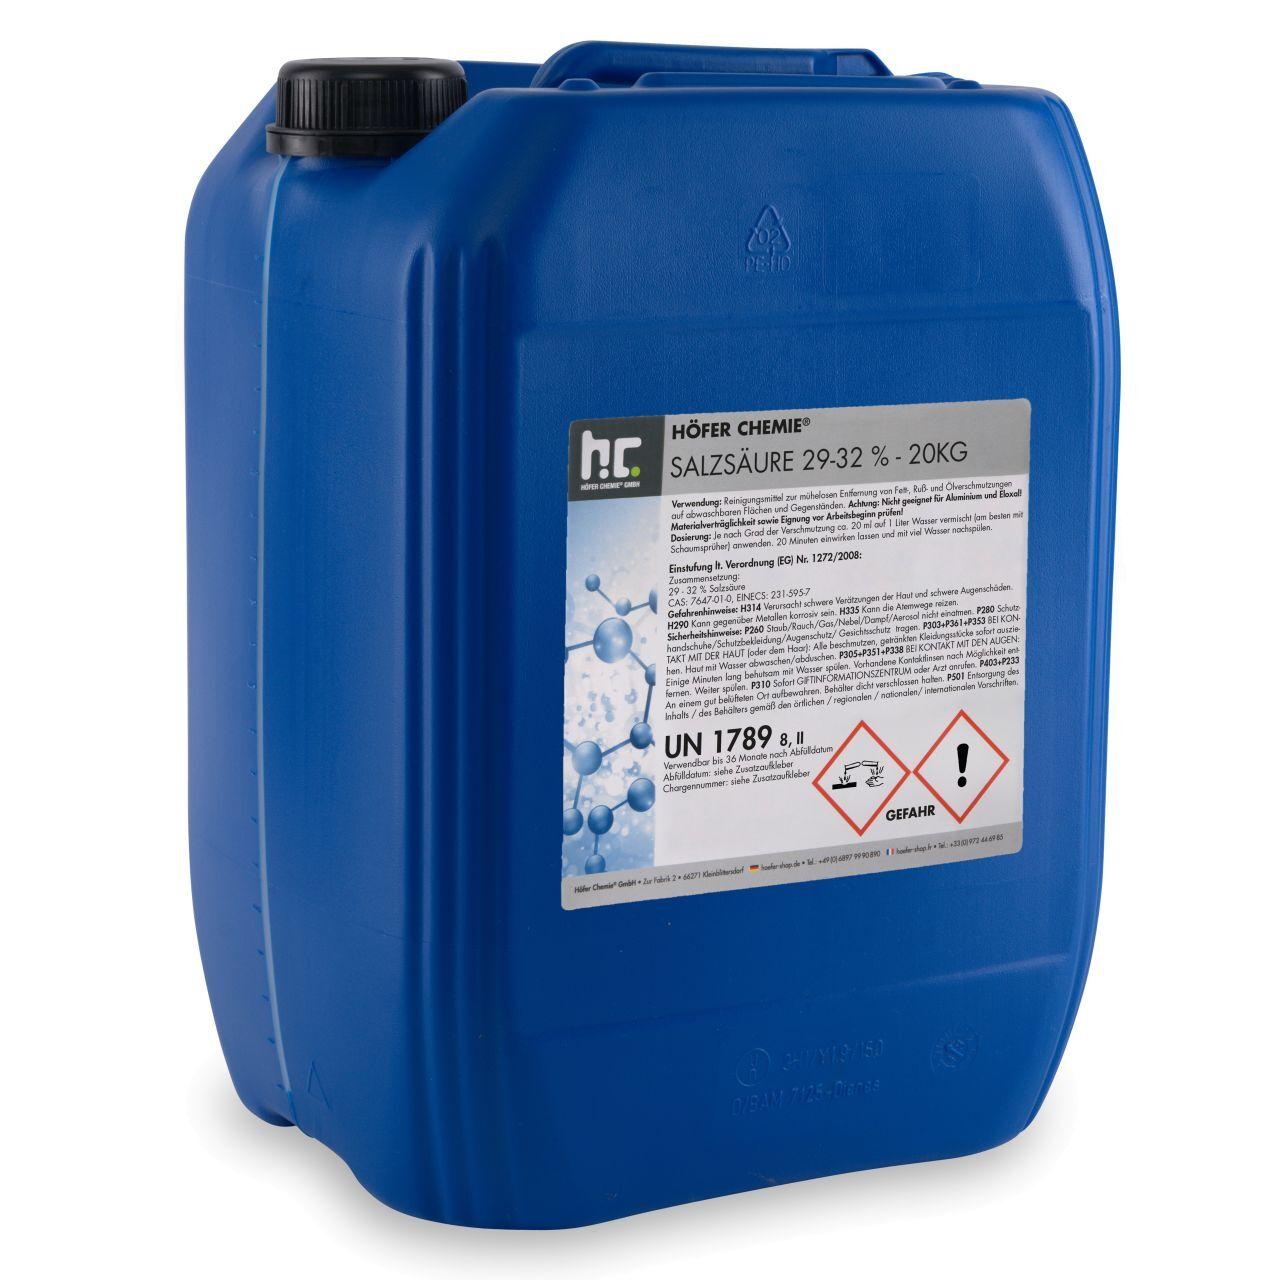 Höfer Chemie 20 kg acide chlorhydrique (1 x 20 kg)